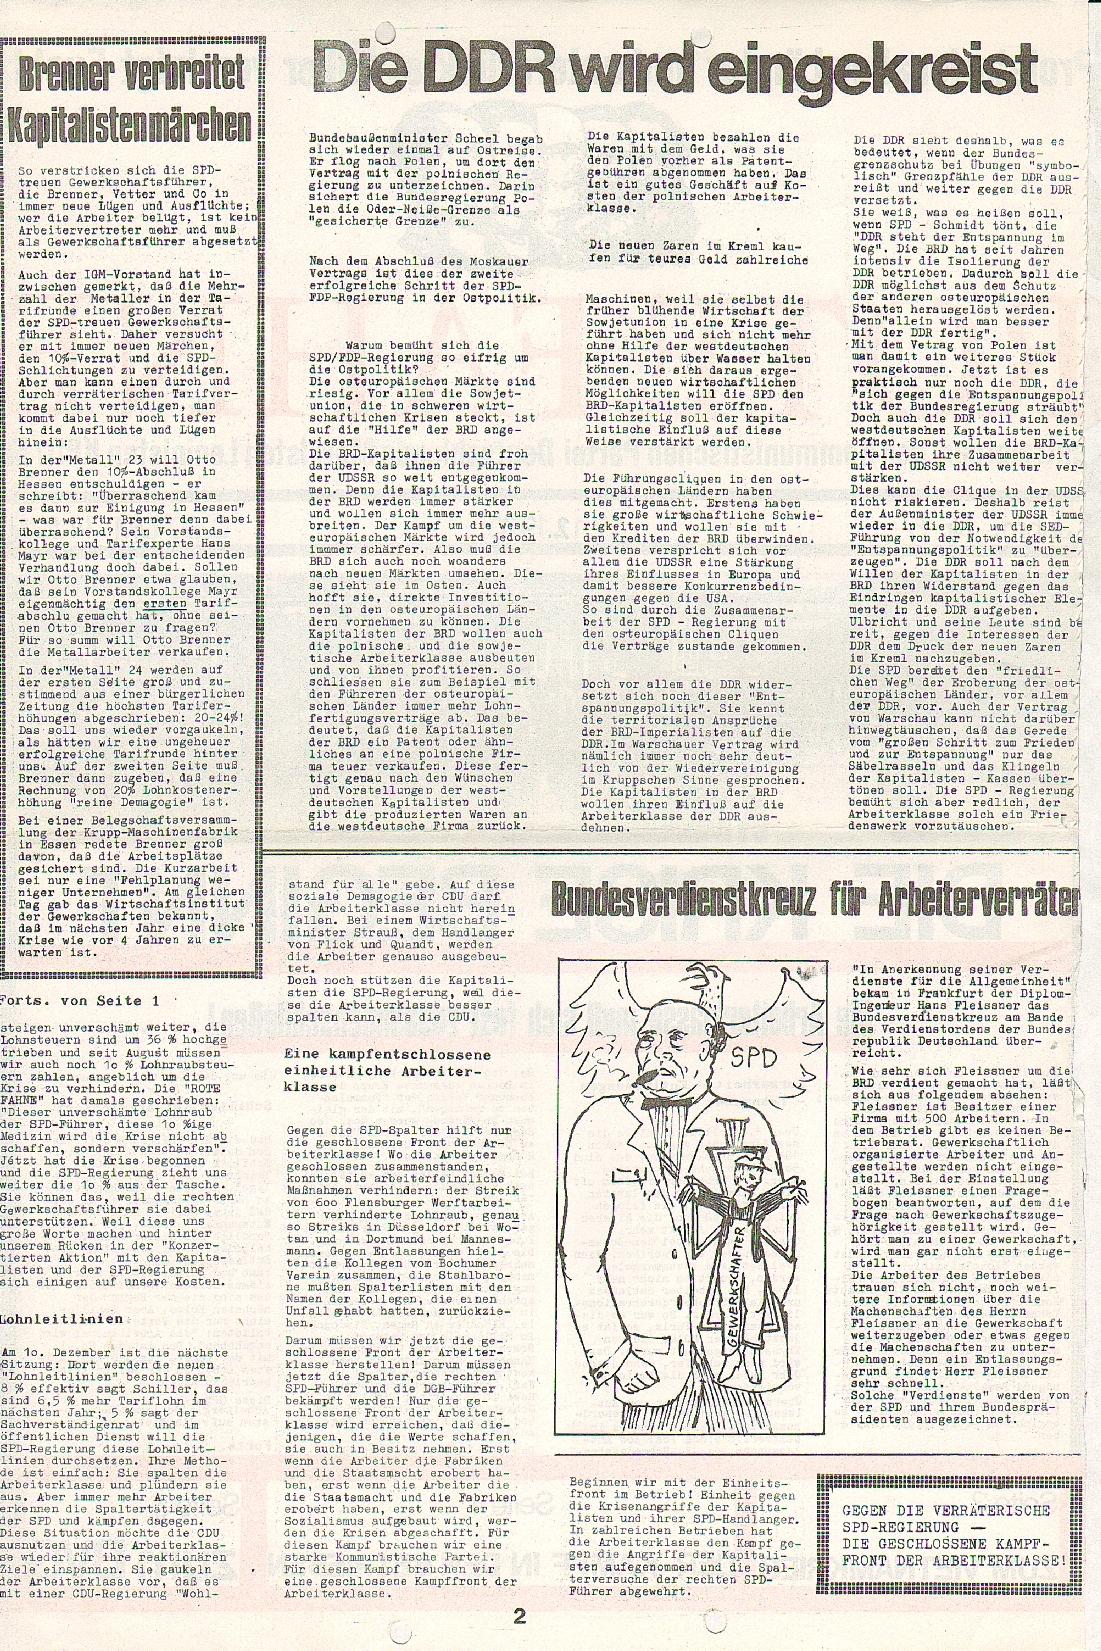 Rote Fahne, 1. Jg., 7.12.1970, Nr. 5, Seite 2